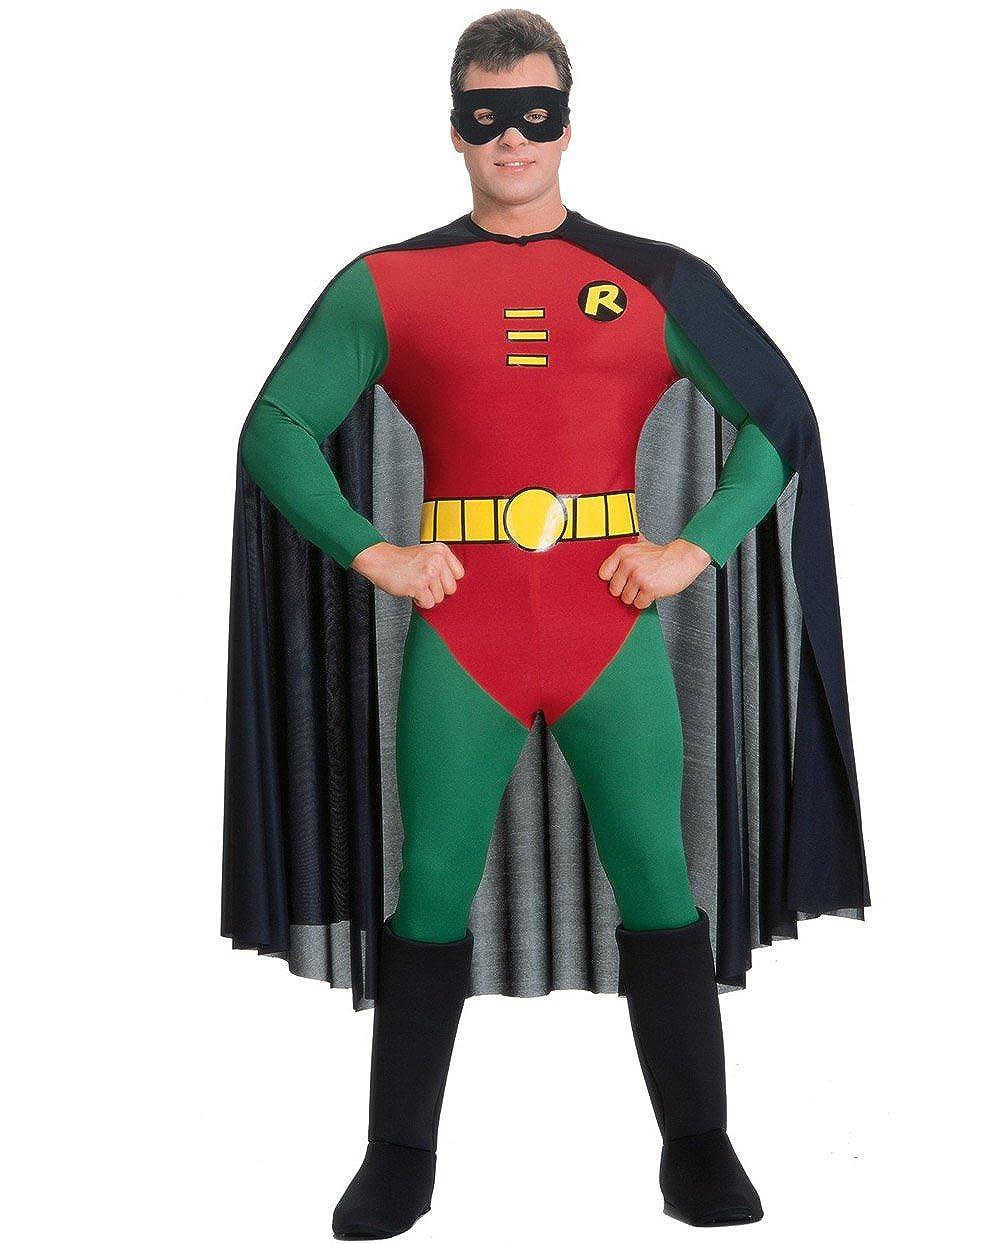 Amazon.com: MyPartyShirt Robin Costume-Large: Clothing